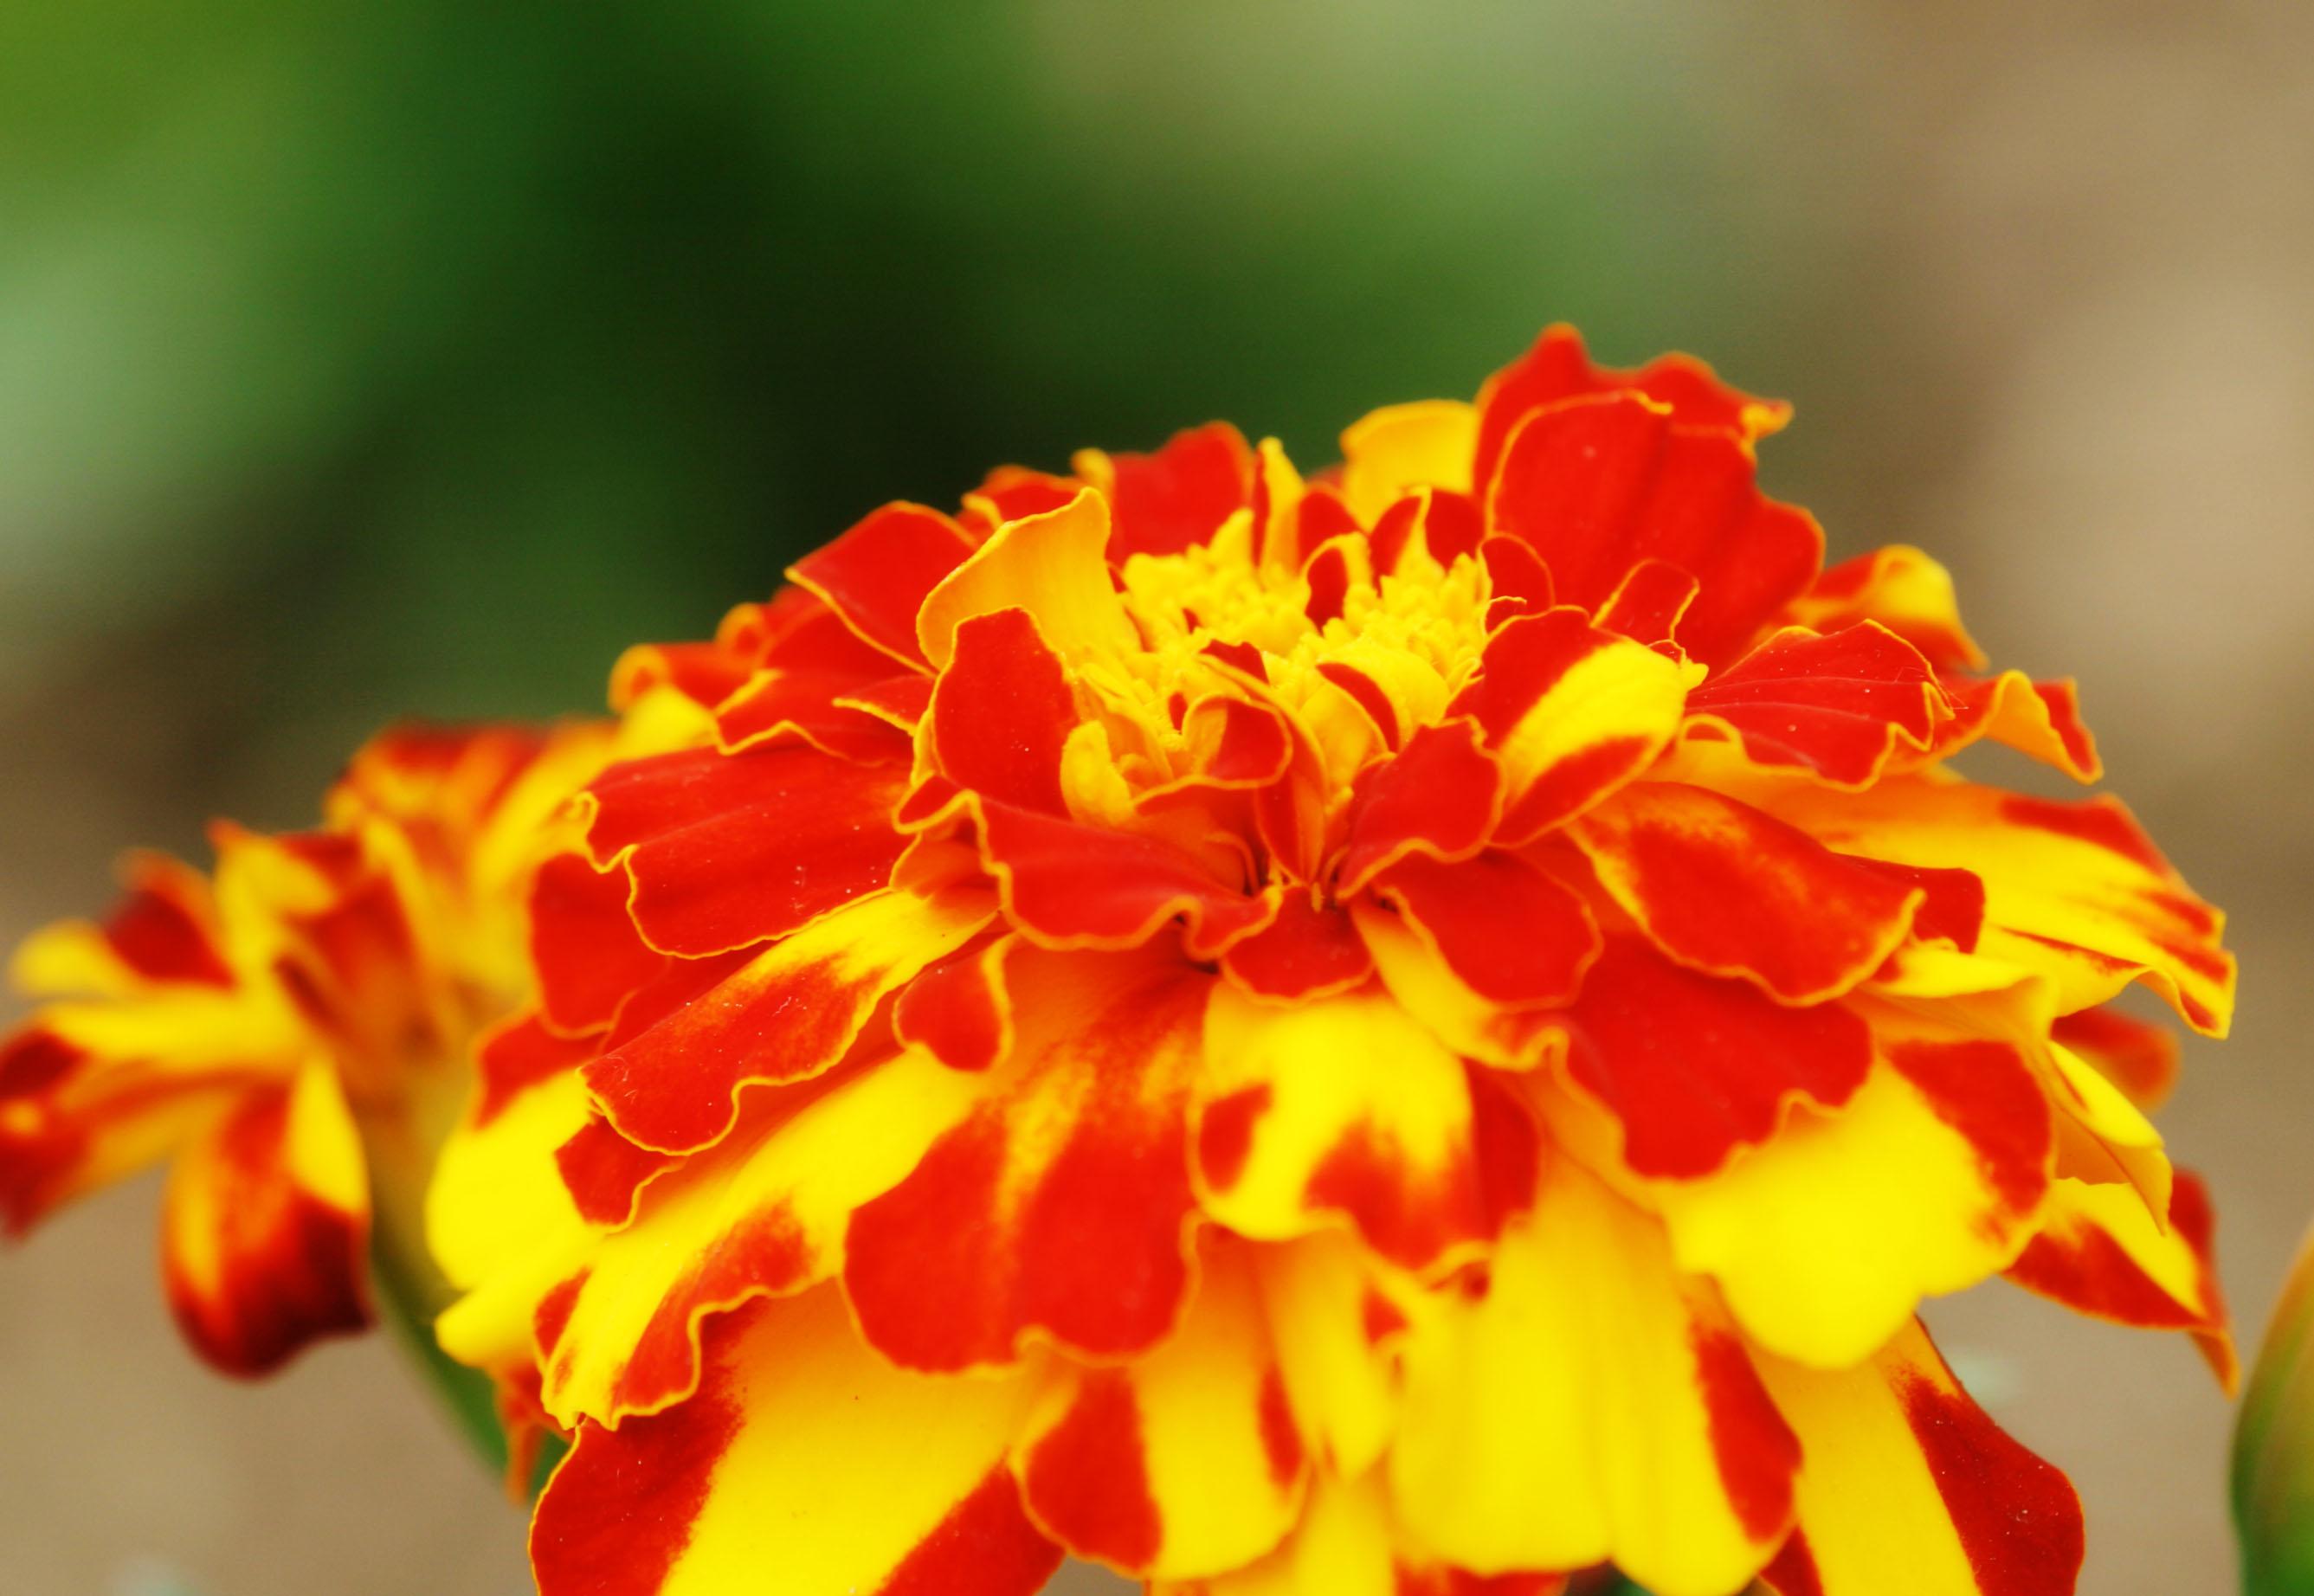 foto,tela,gratis,paisaje,fotografía,idea,Flores silvestres, Furano, Flor, Caléndula, Cielo azul